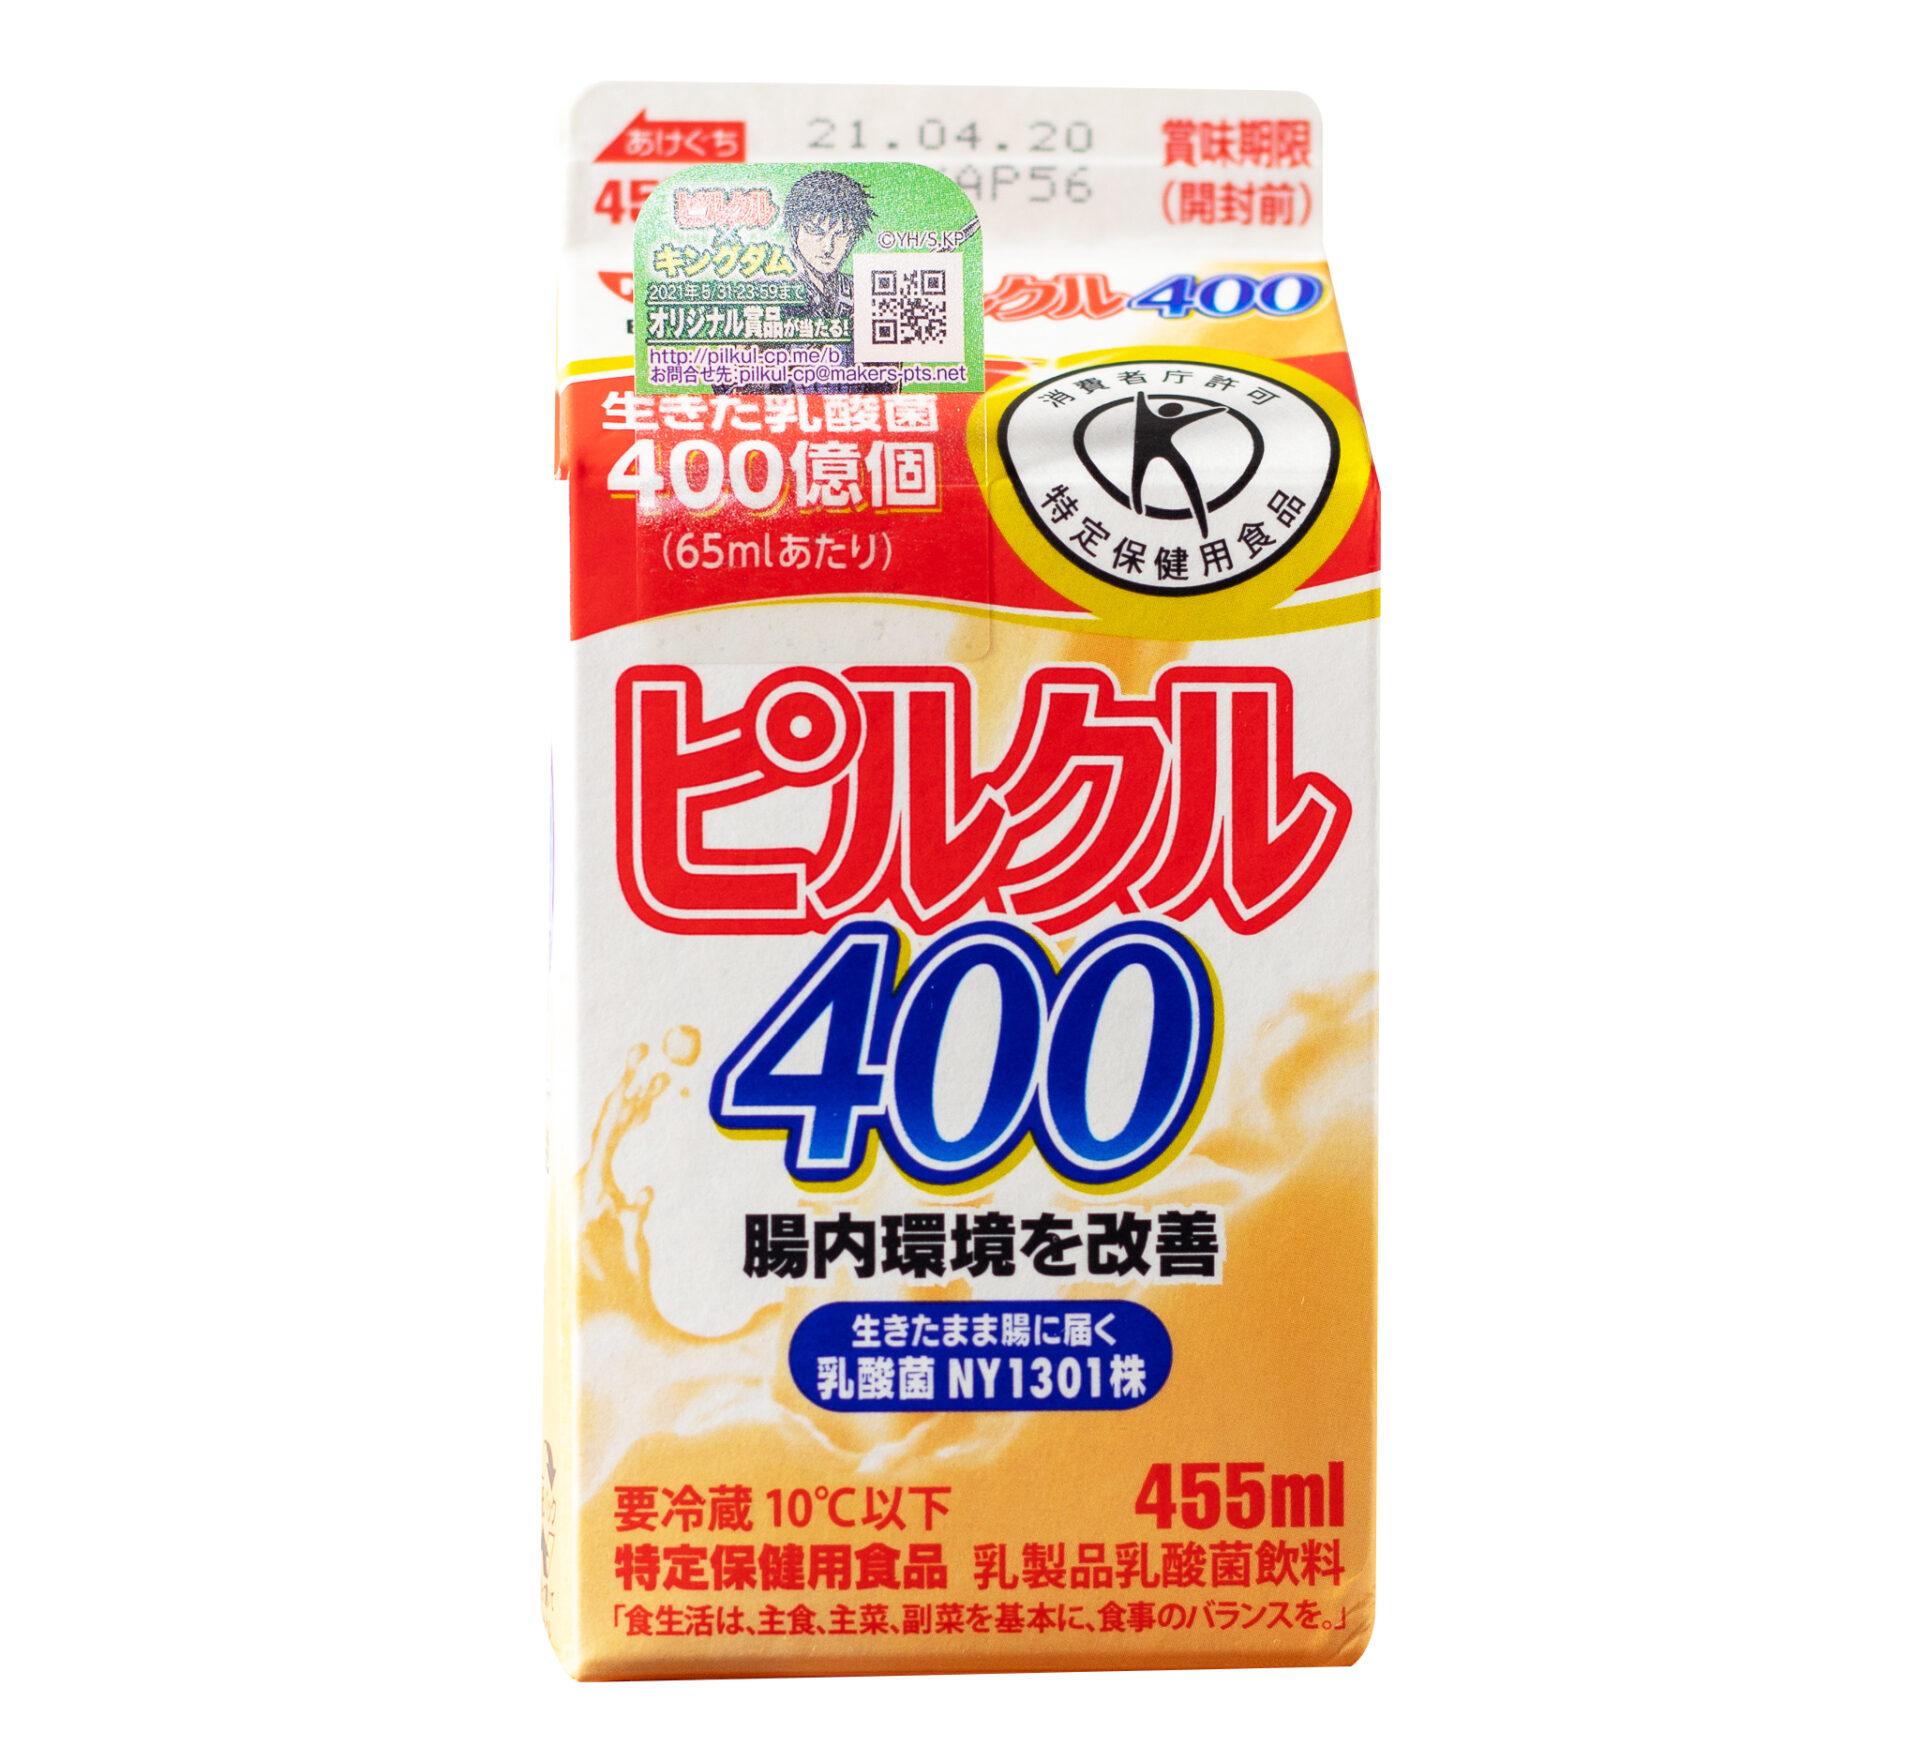 日清ヨーク『ピルクル400 455ml』